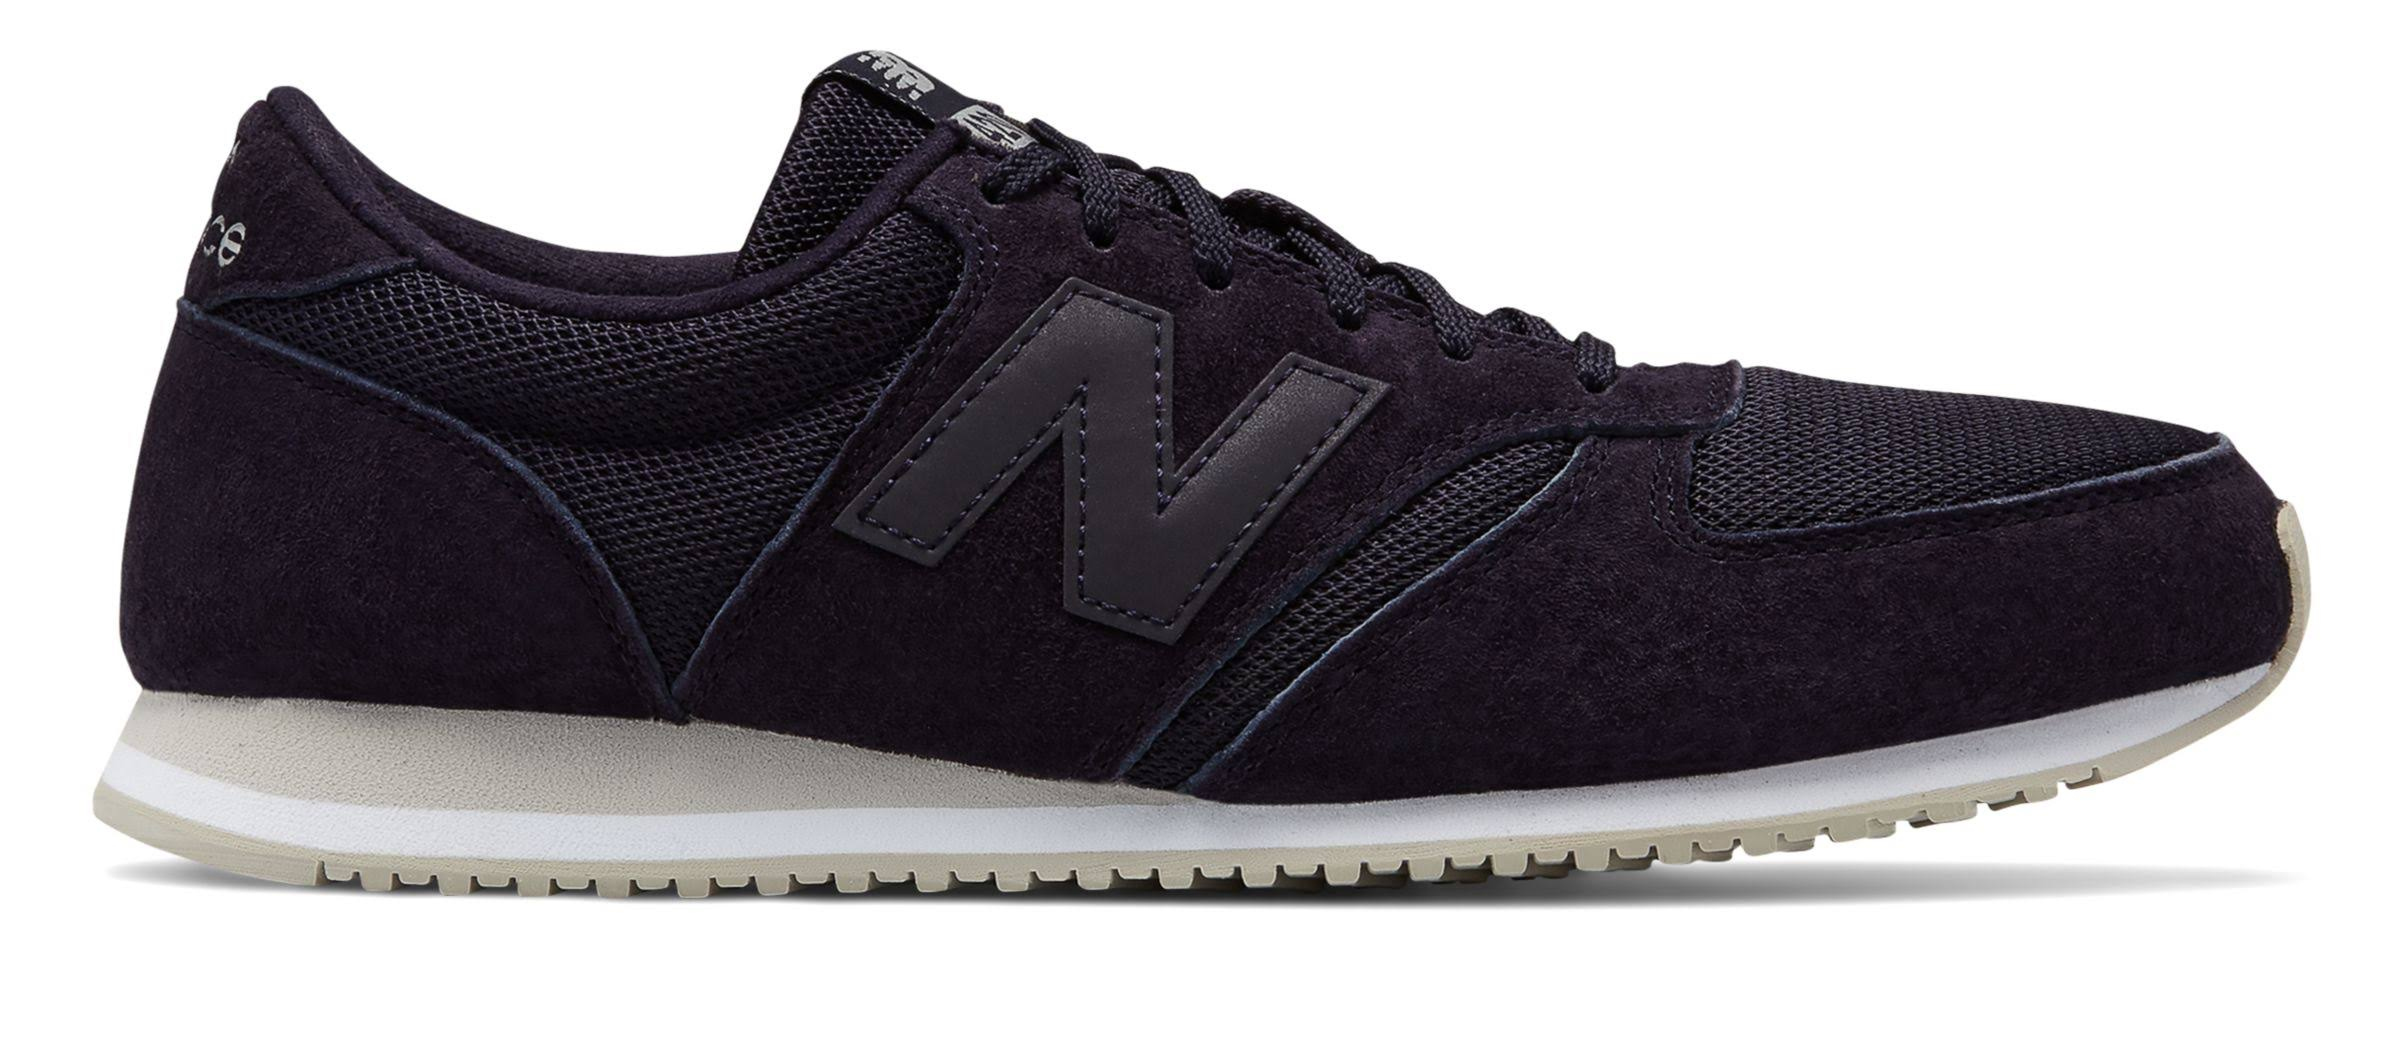 New 5 Blau Sneaker 6 Größe Unisex 420 Navy Balance M Schweinsleder rFr8q